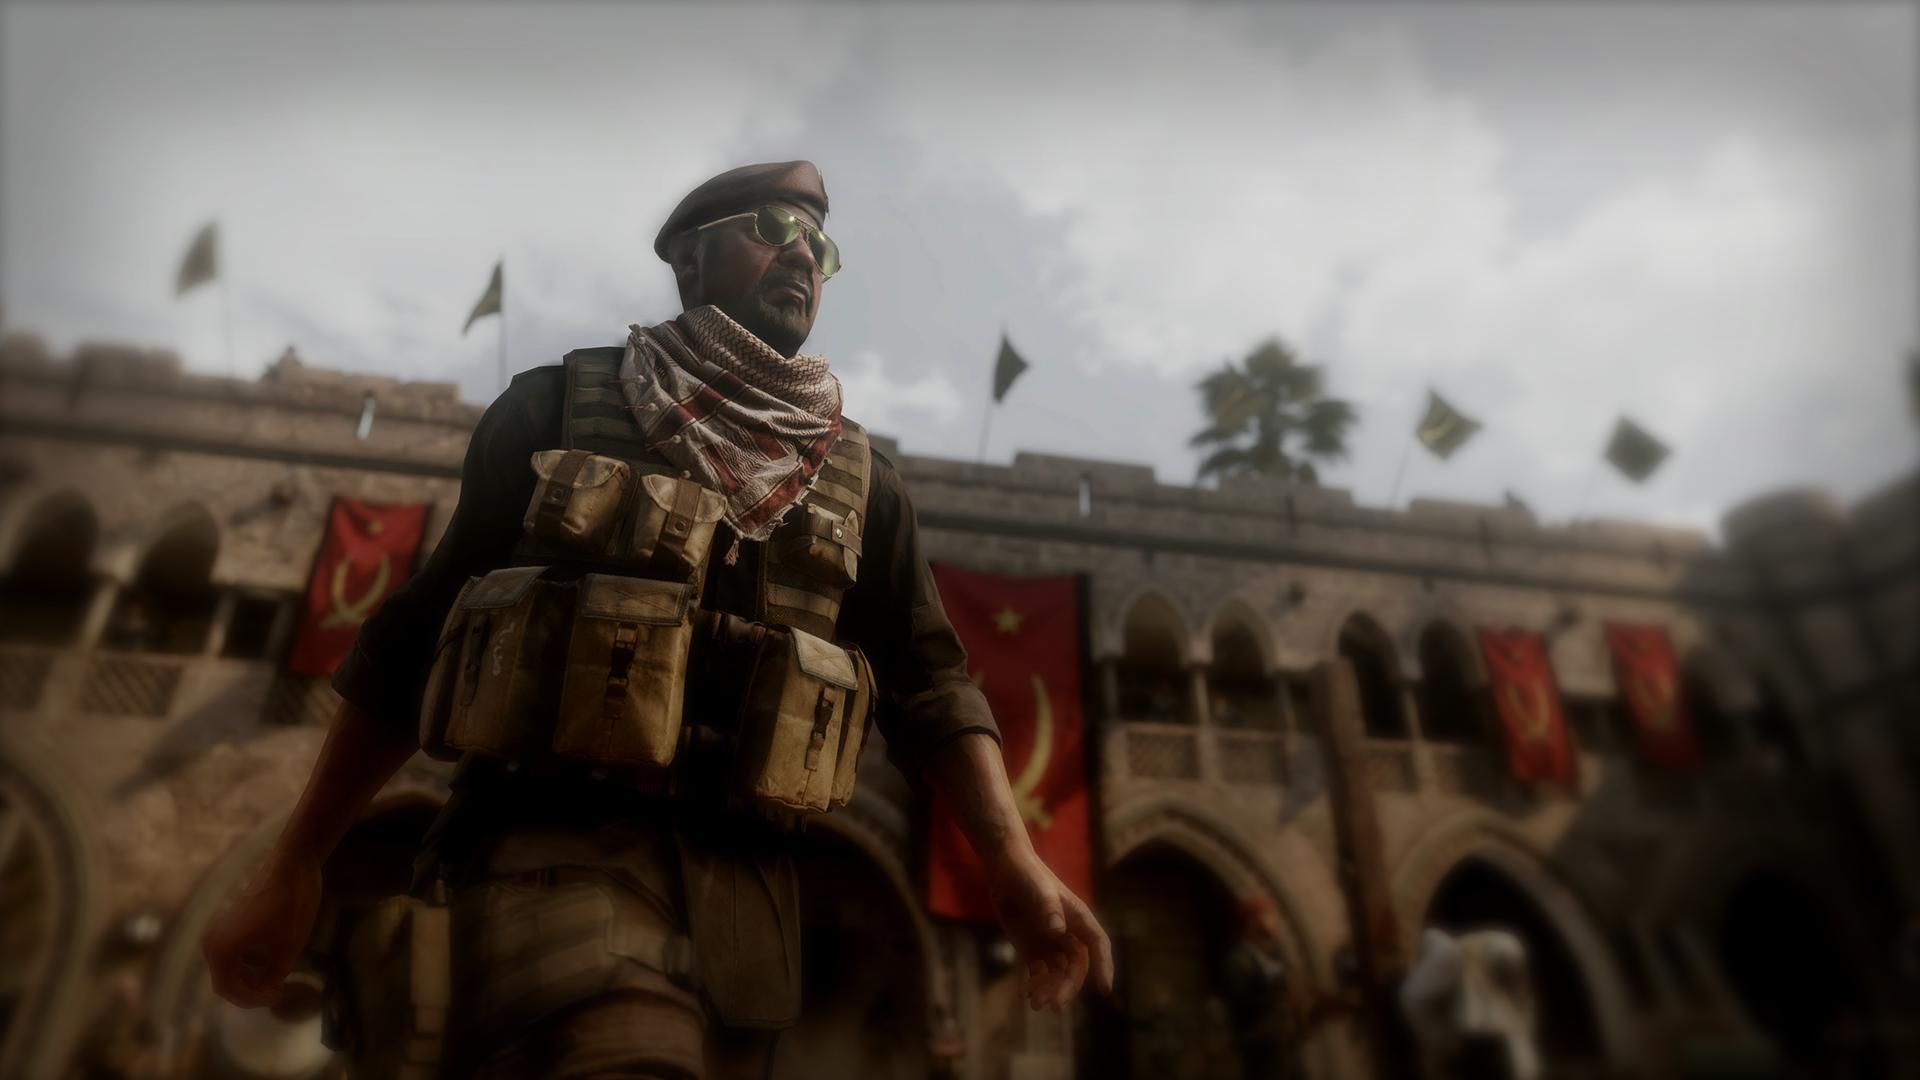 Gabriel Al-Rajhi in Call of Duty: Modern Warfare Remastered (2016)